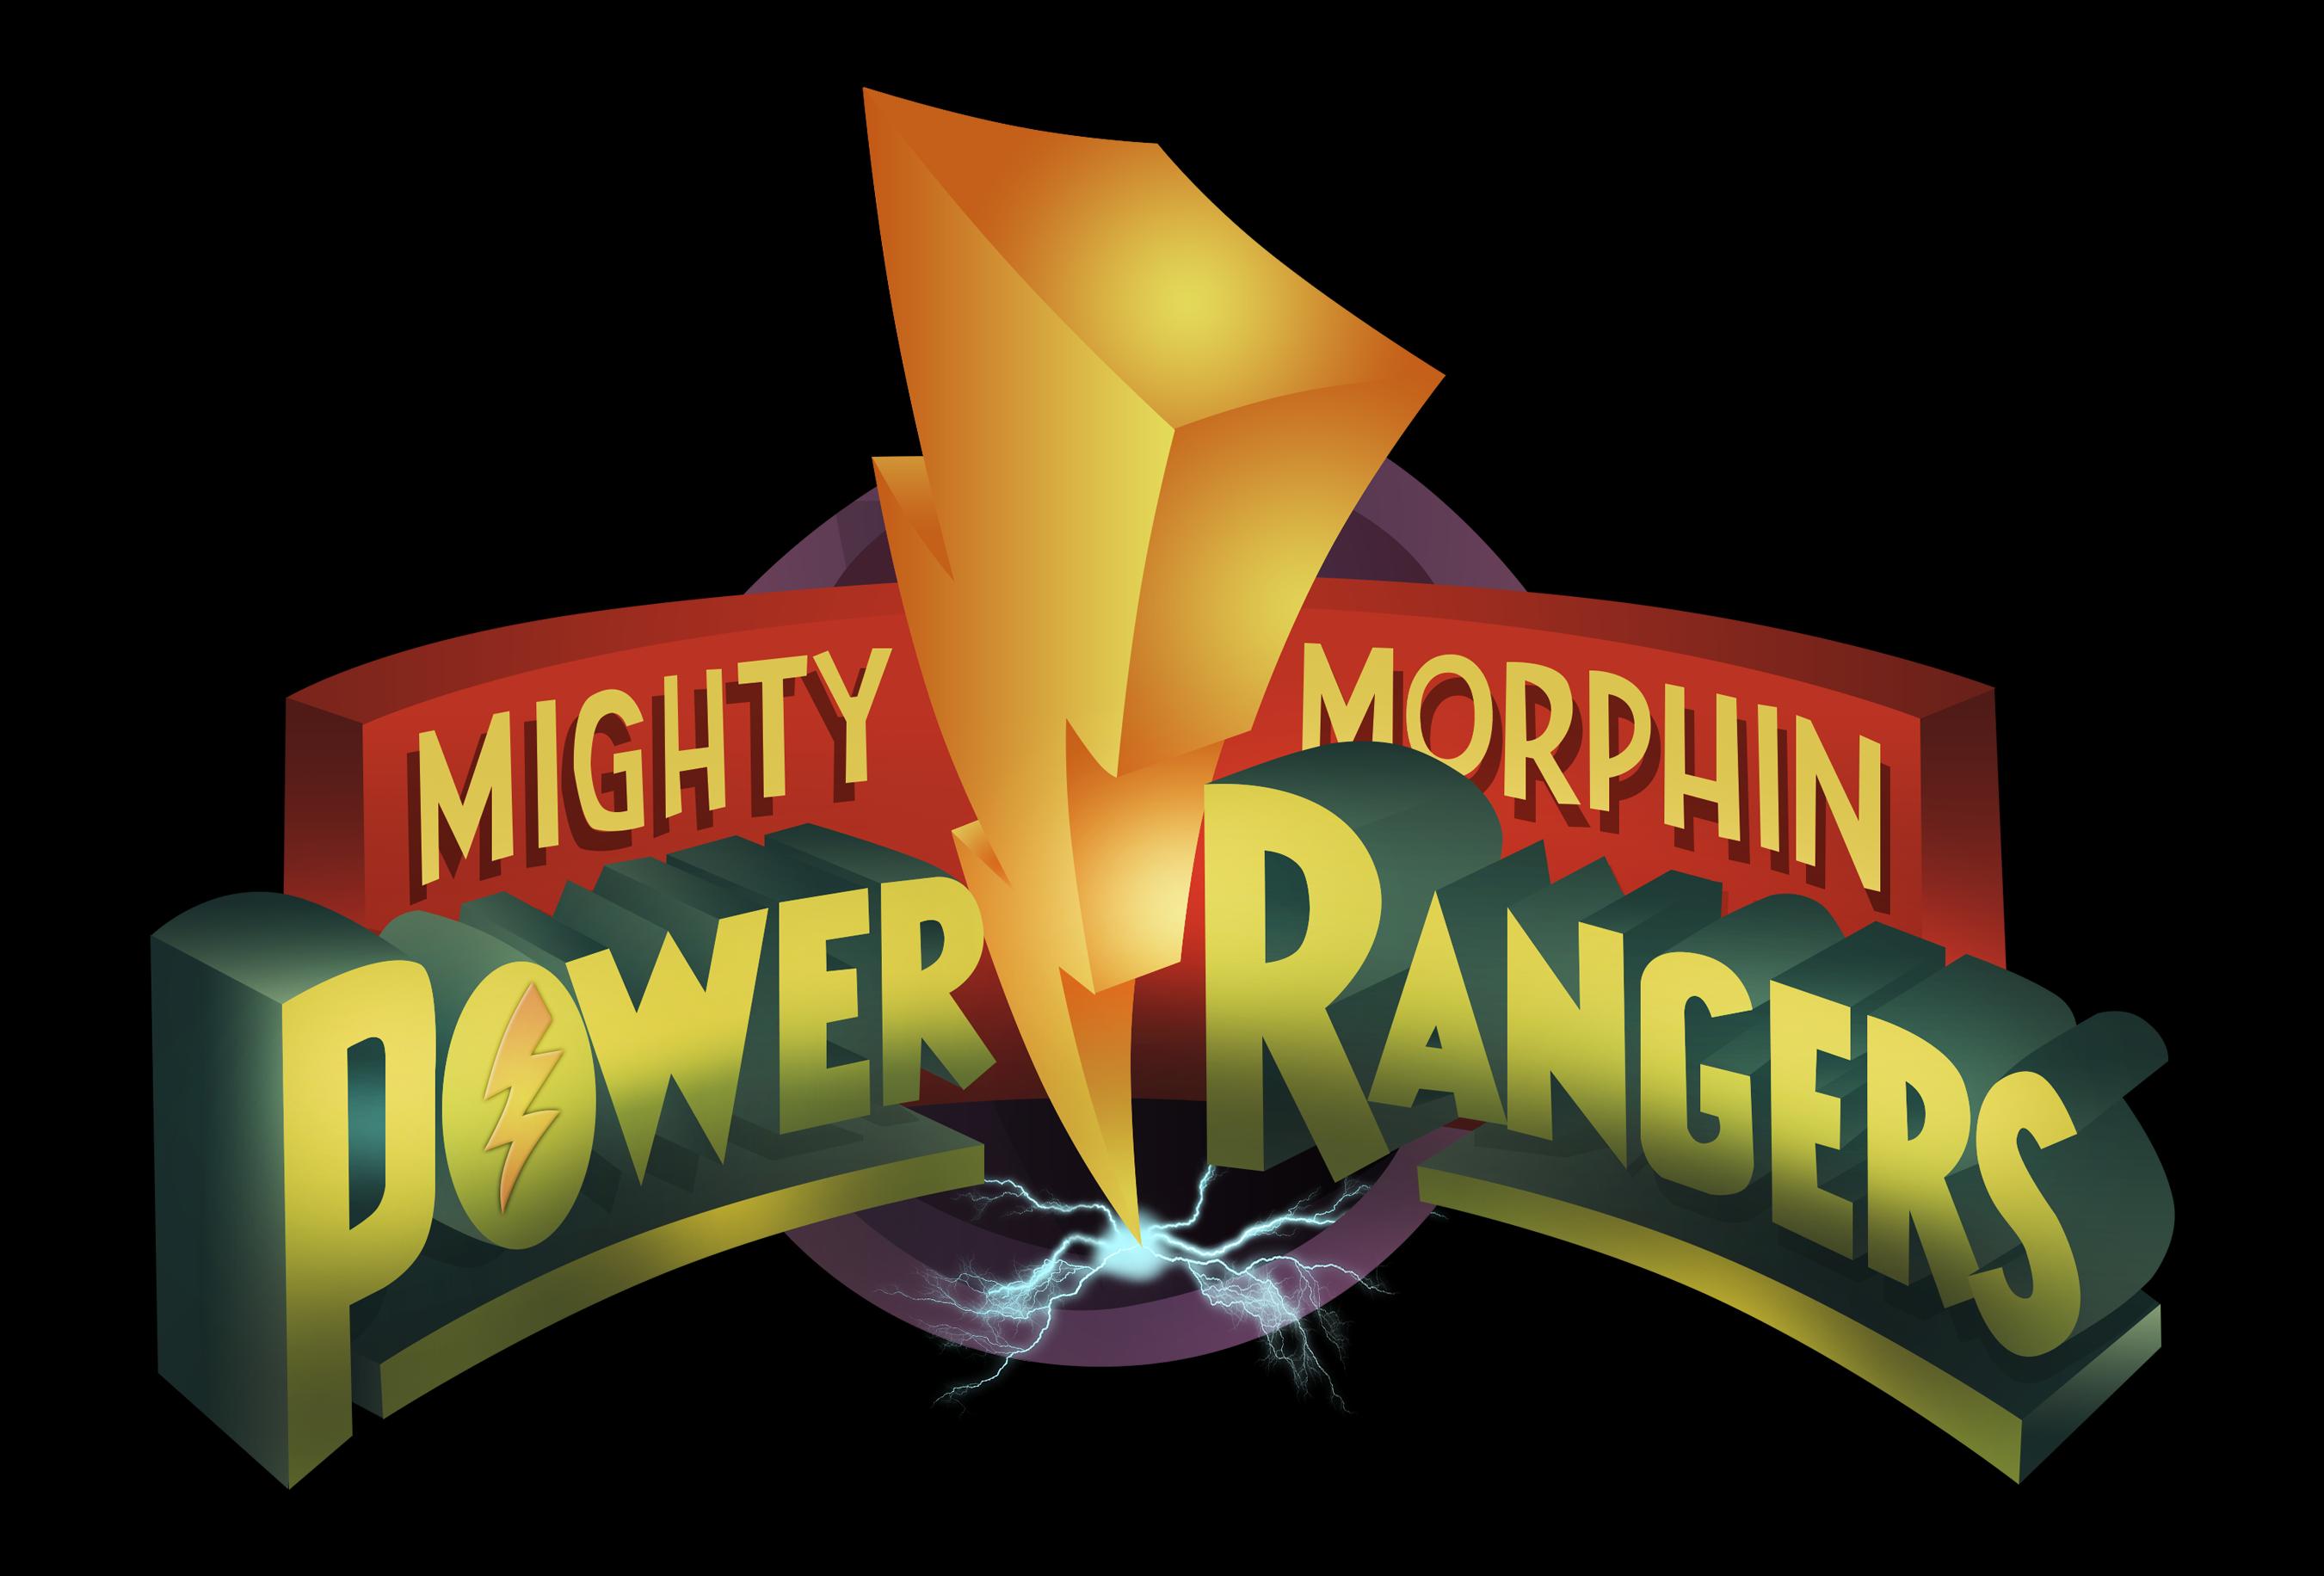 Mighty Morphn Power Rangers Logo Hd By Martyntranter Deviantart Com On Deviantart Power Rangers Power Ranger Birthday Power Rangers Logo